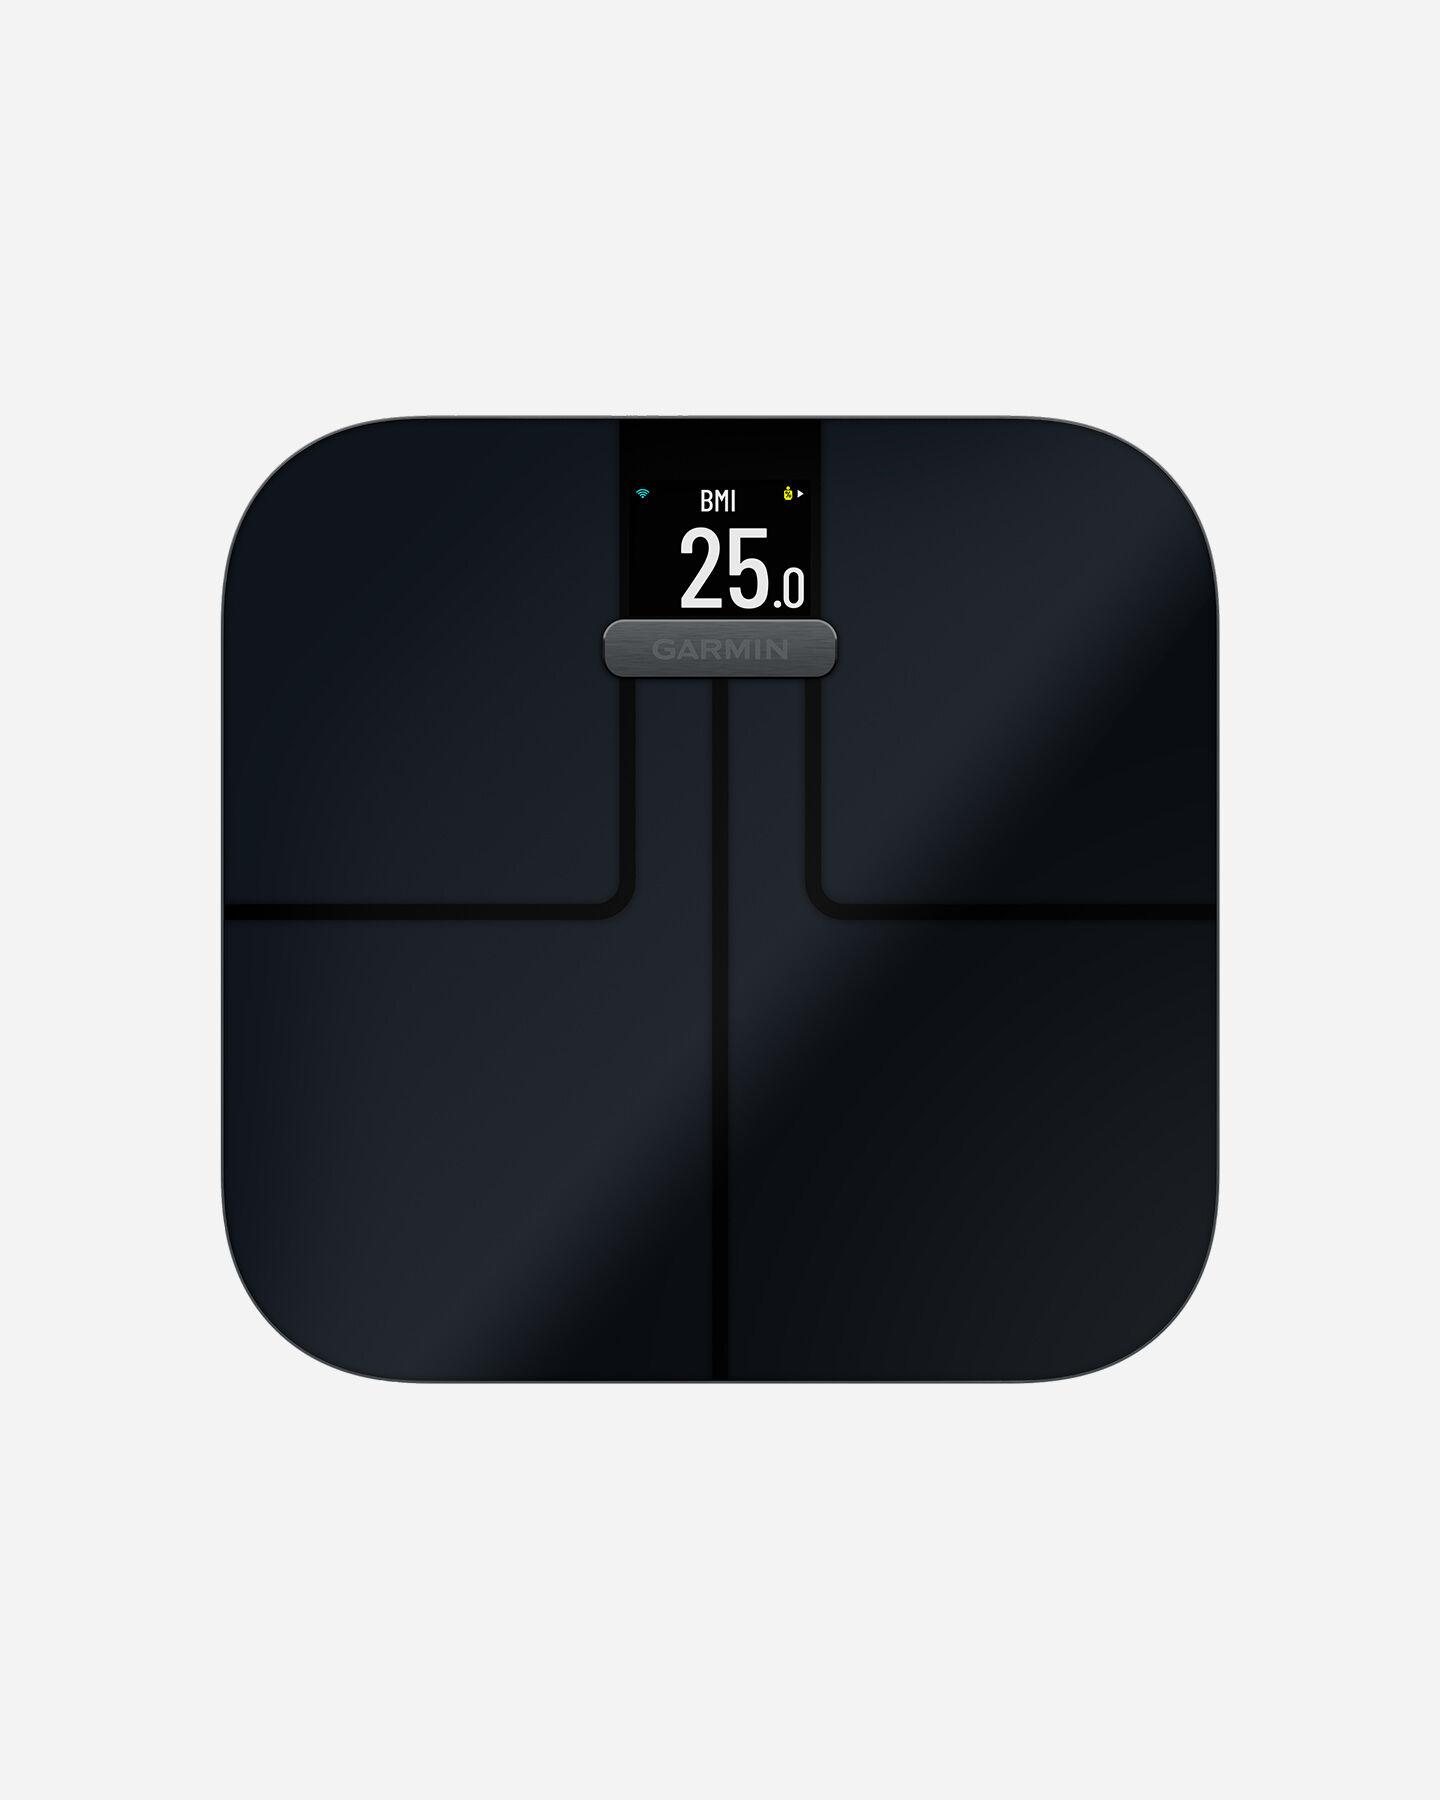 Accessorio orologio GARMIN INDEX 2 S4089170 scatto 1